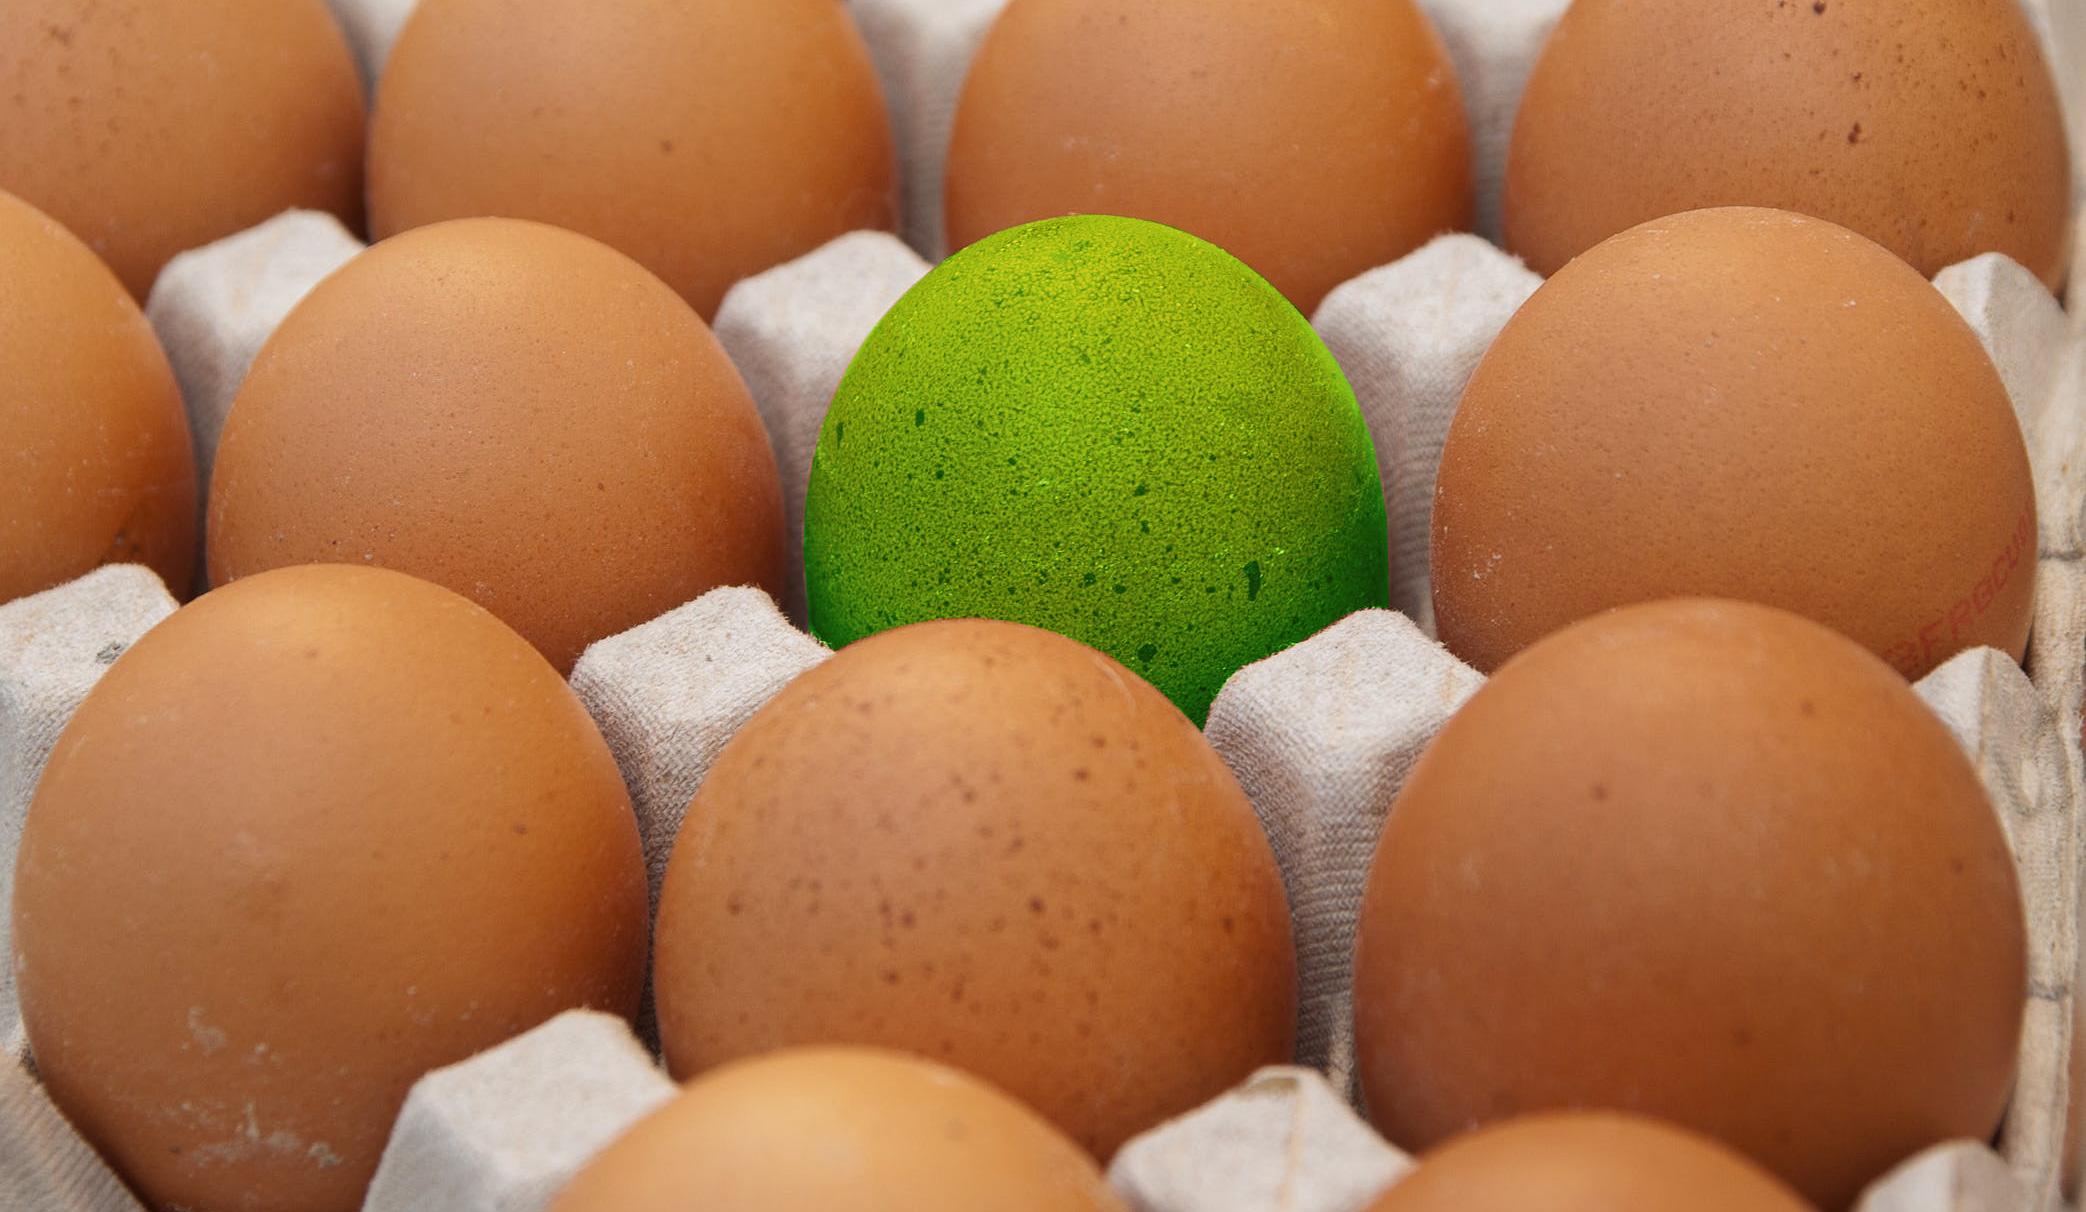 Altre Uova a rischio contaminazione salmonella, ritirati altri lotti. ELENCO